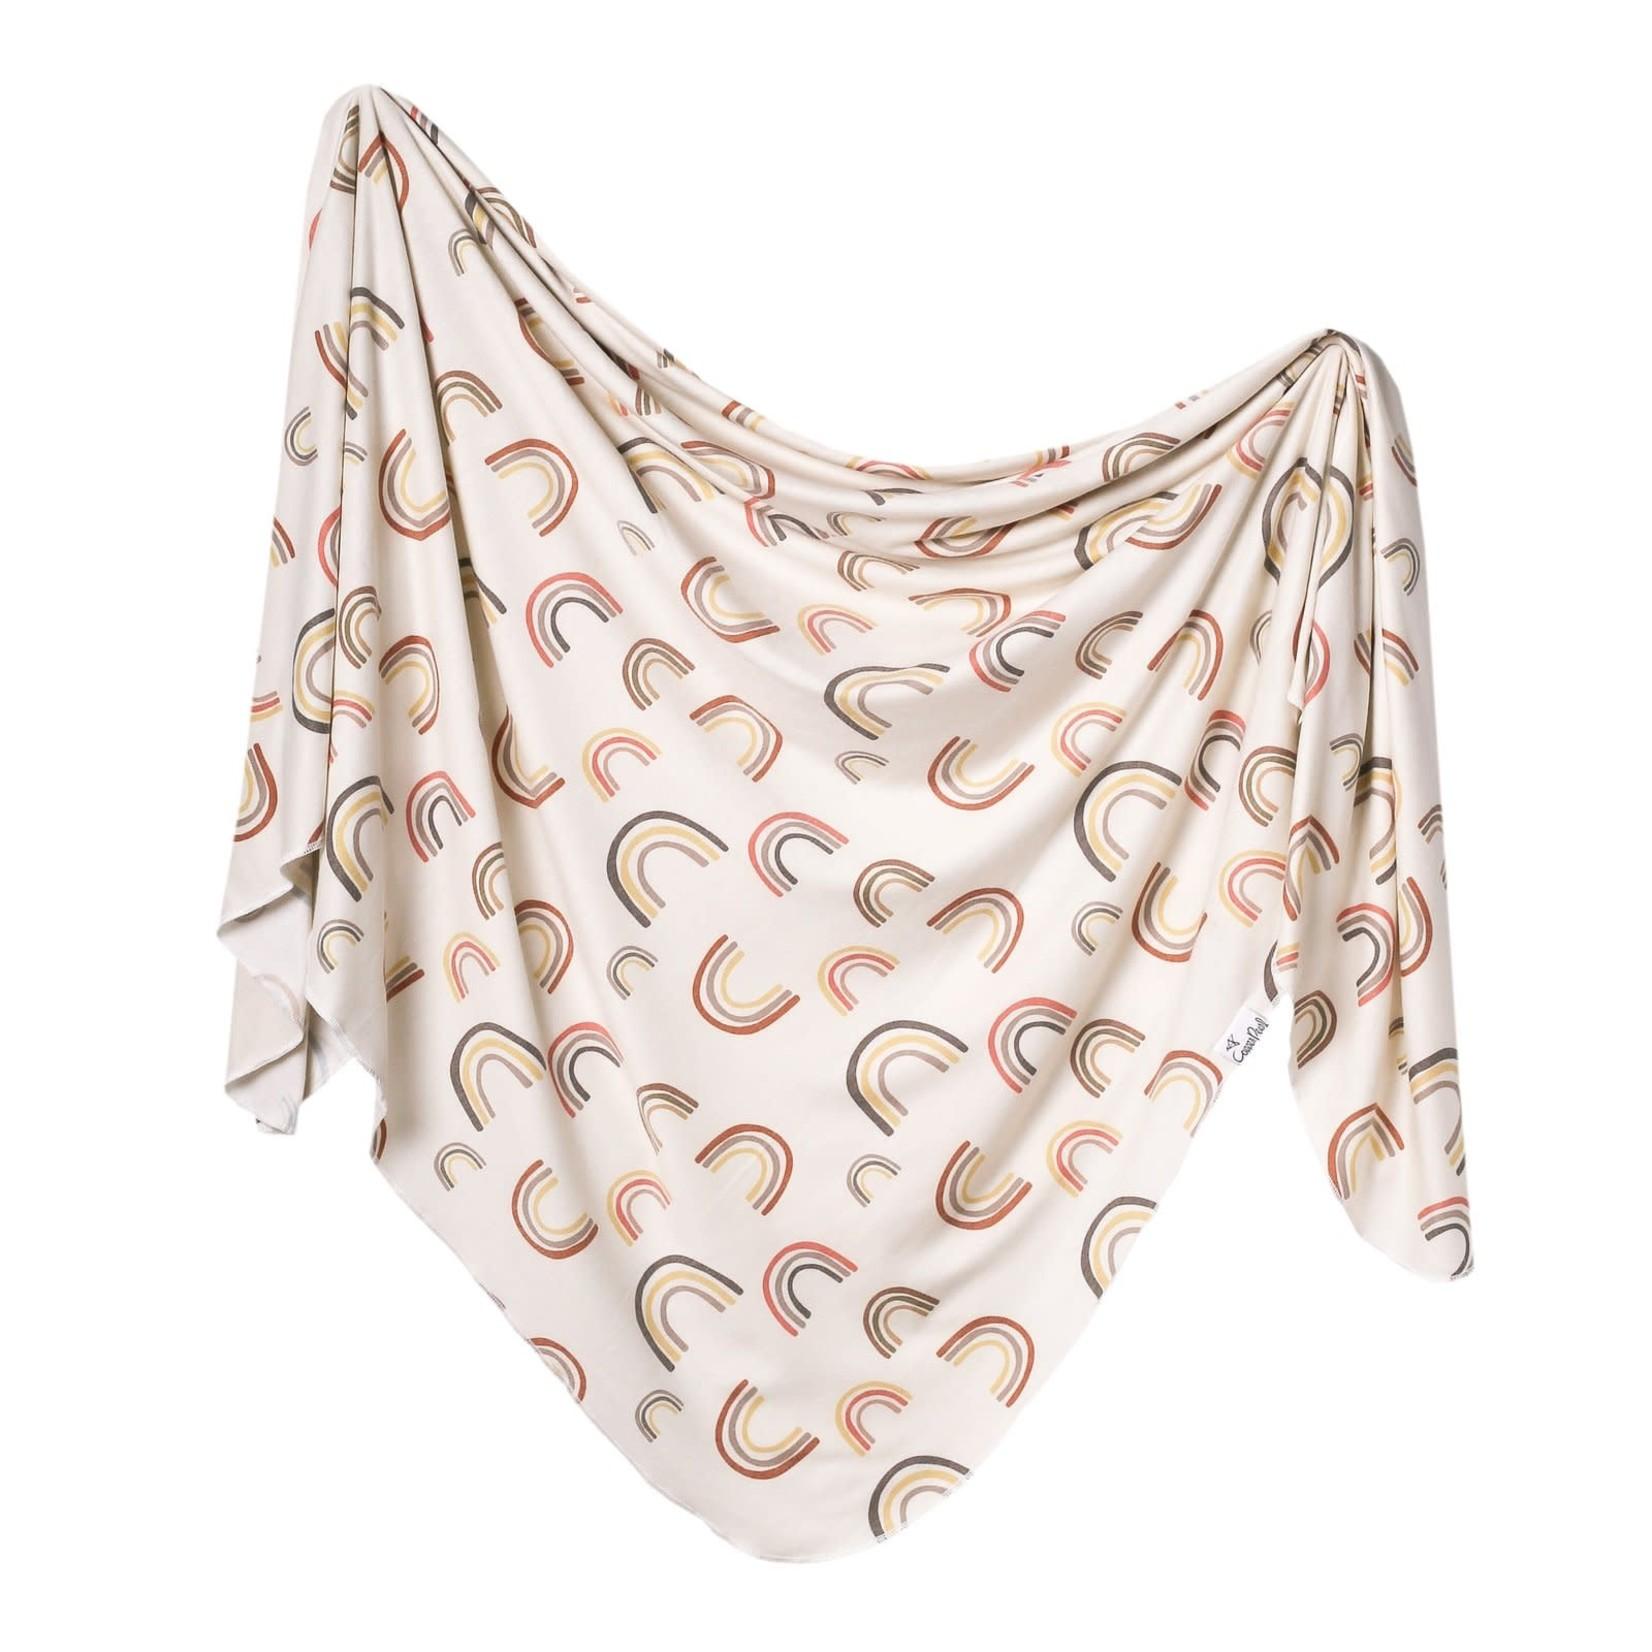 Copper Pearl Knit Blanket - Kona